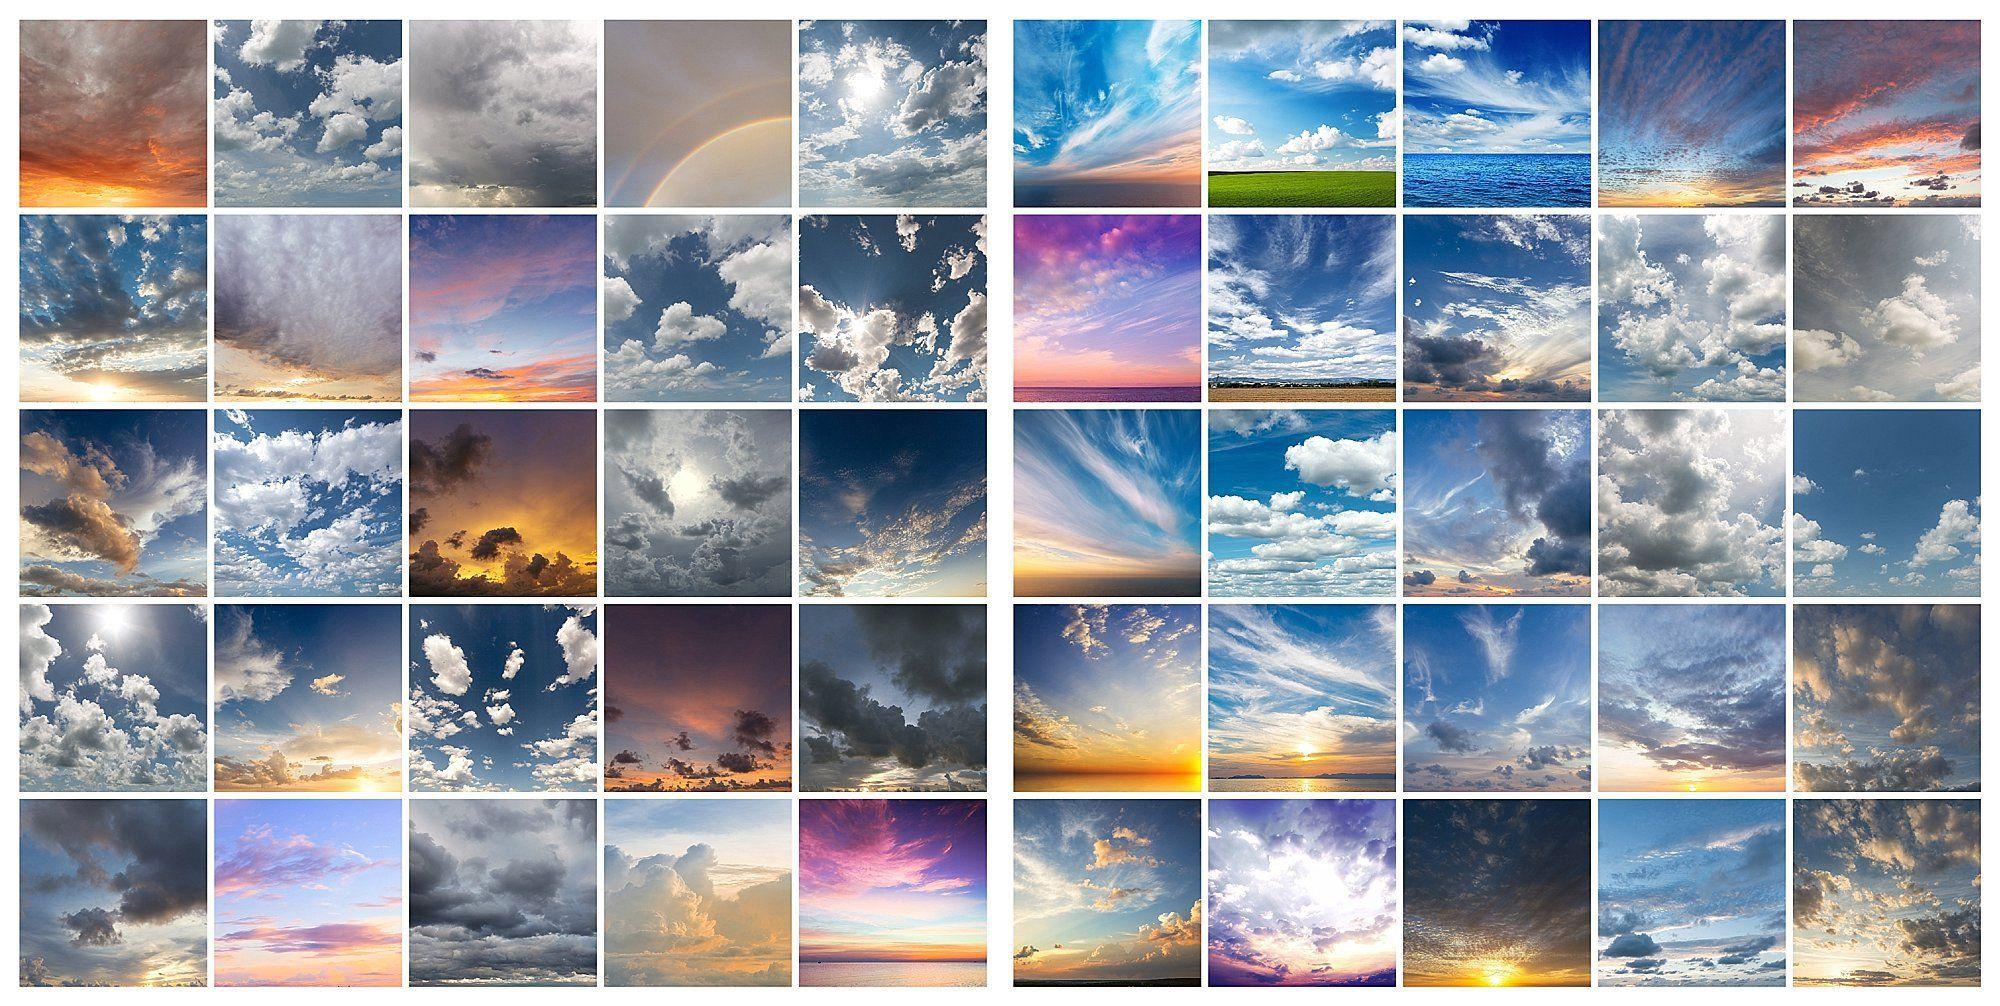 Sky overlays for lightroom